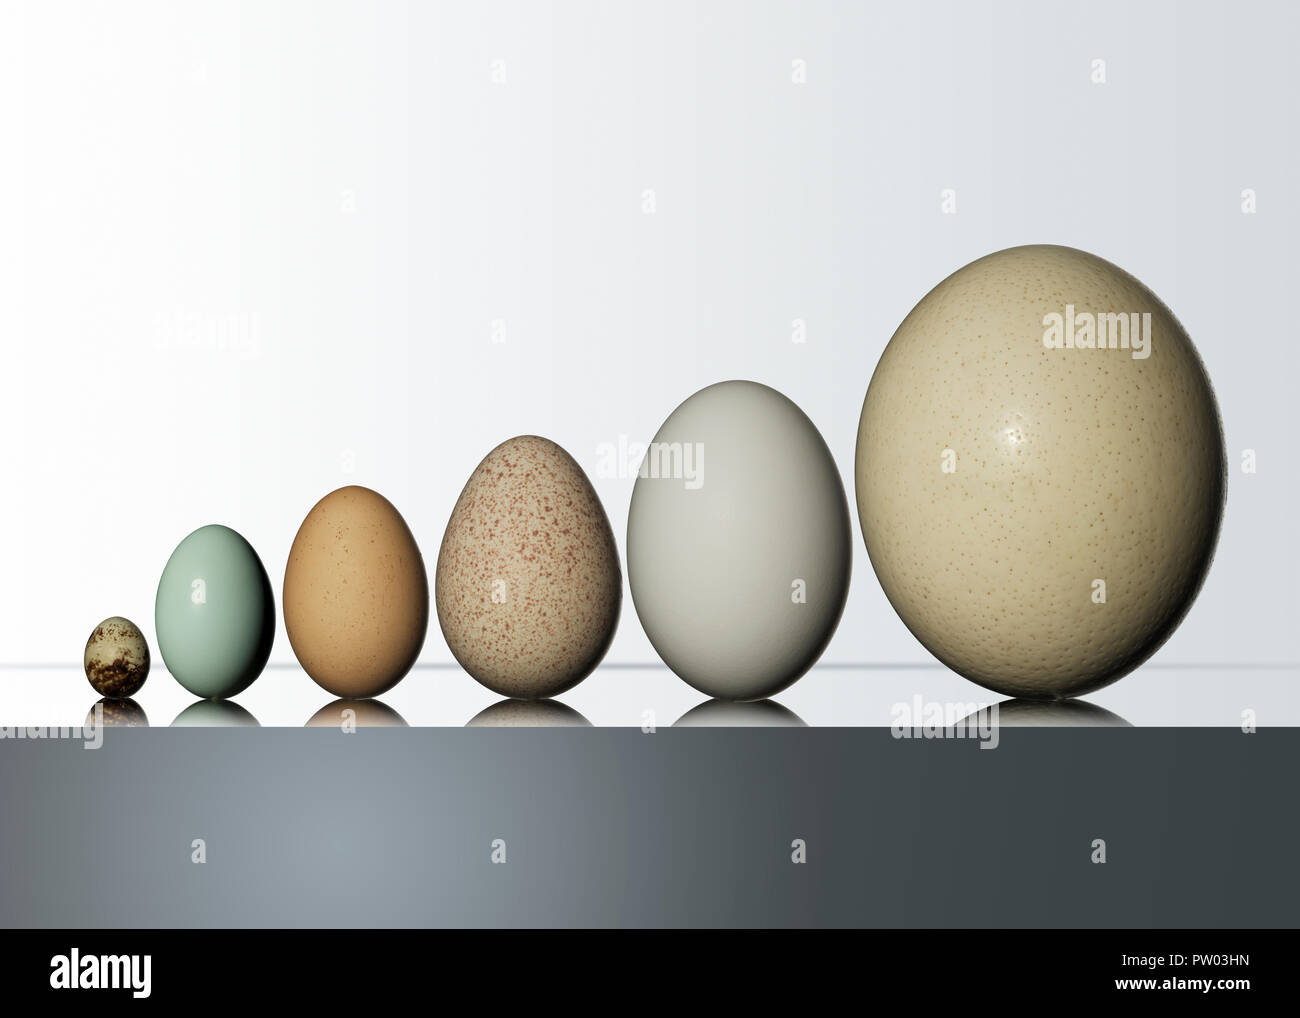 Eine Gruppe von Vögeln, Eiern, Strauß, Ostern Egger, Türkei, Gänse, Enten, Wachteln Stockbild